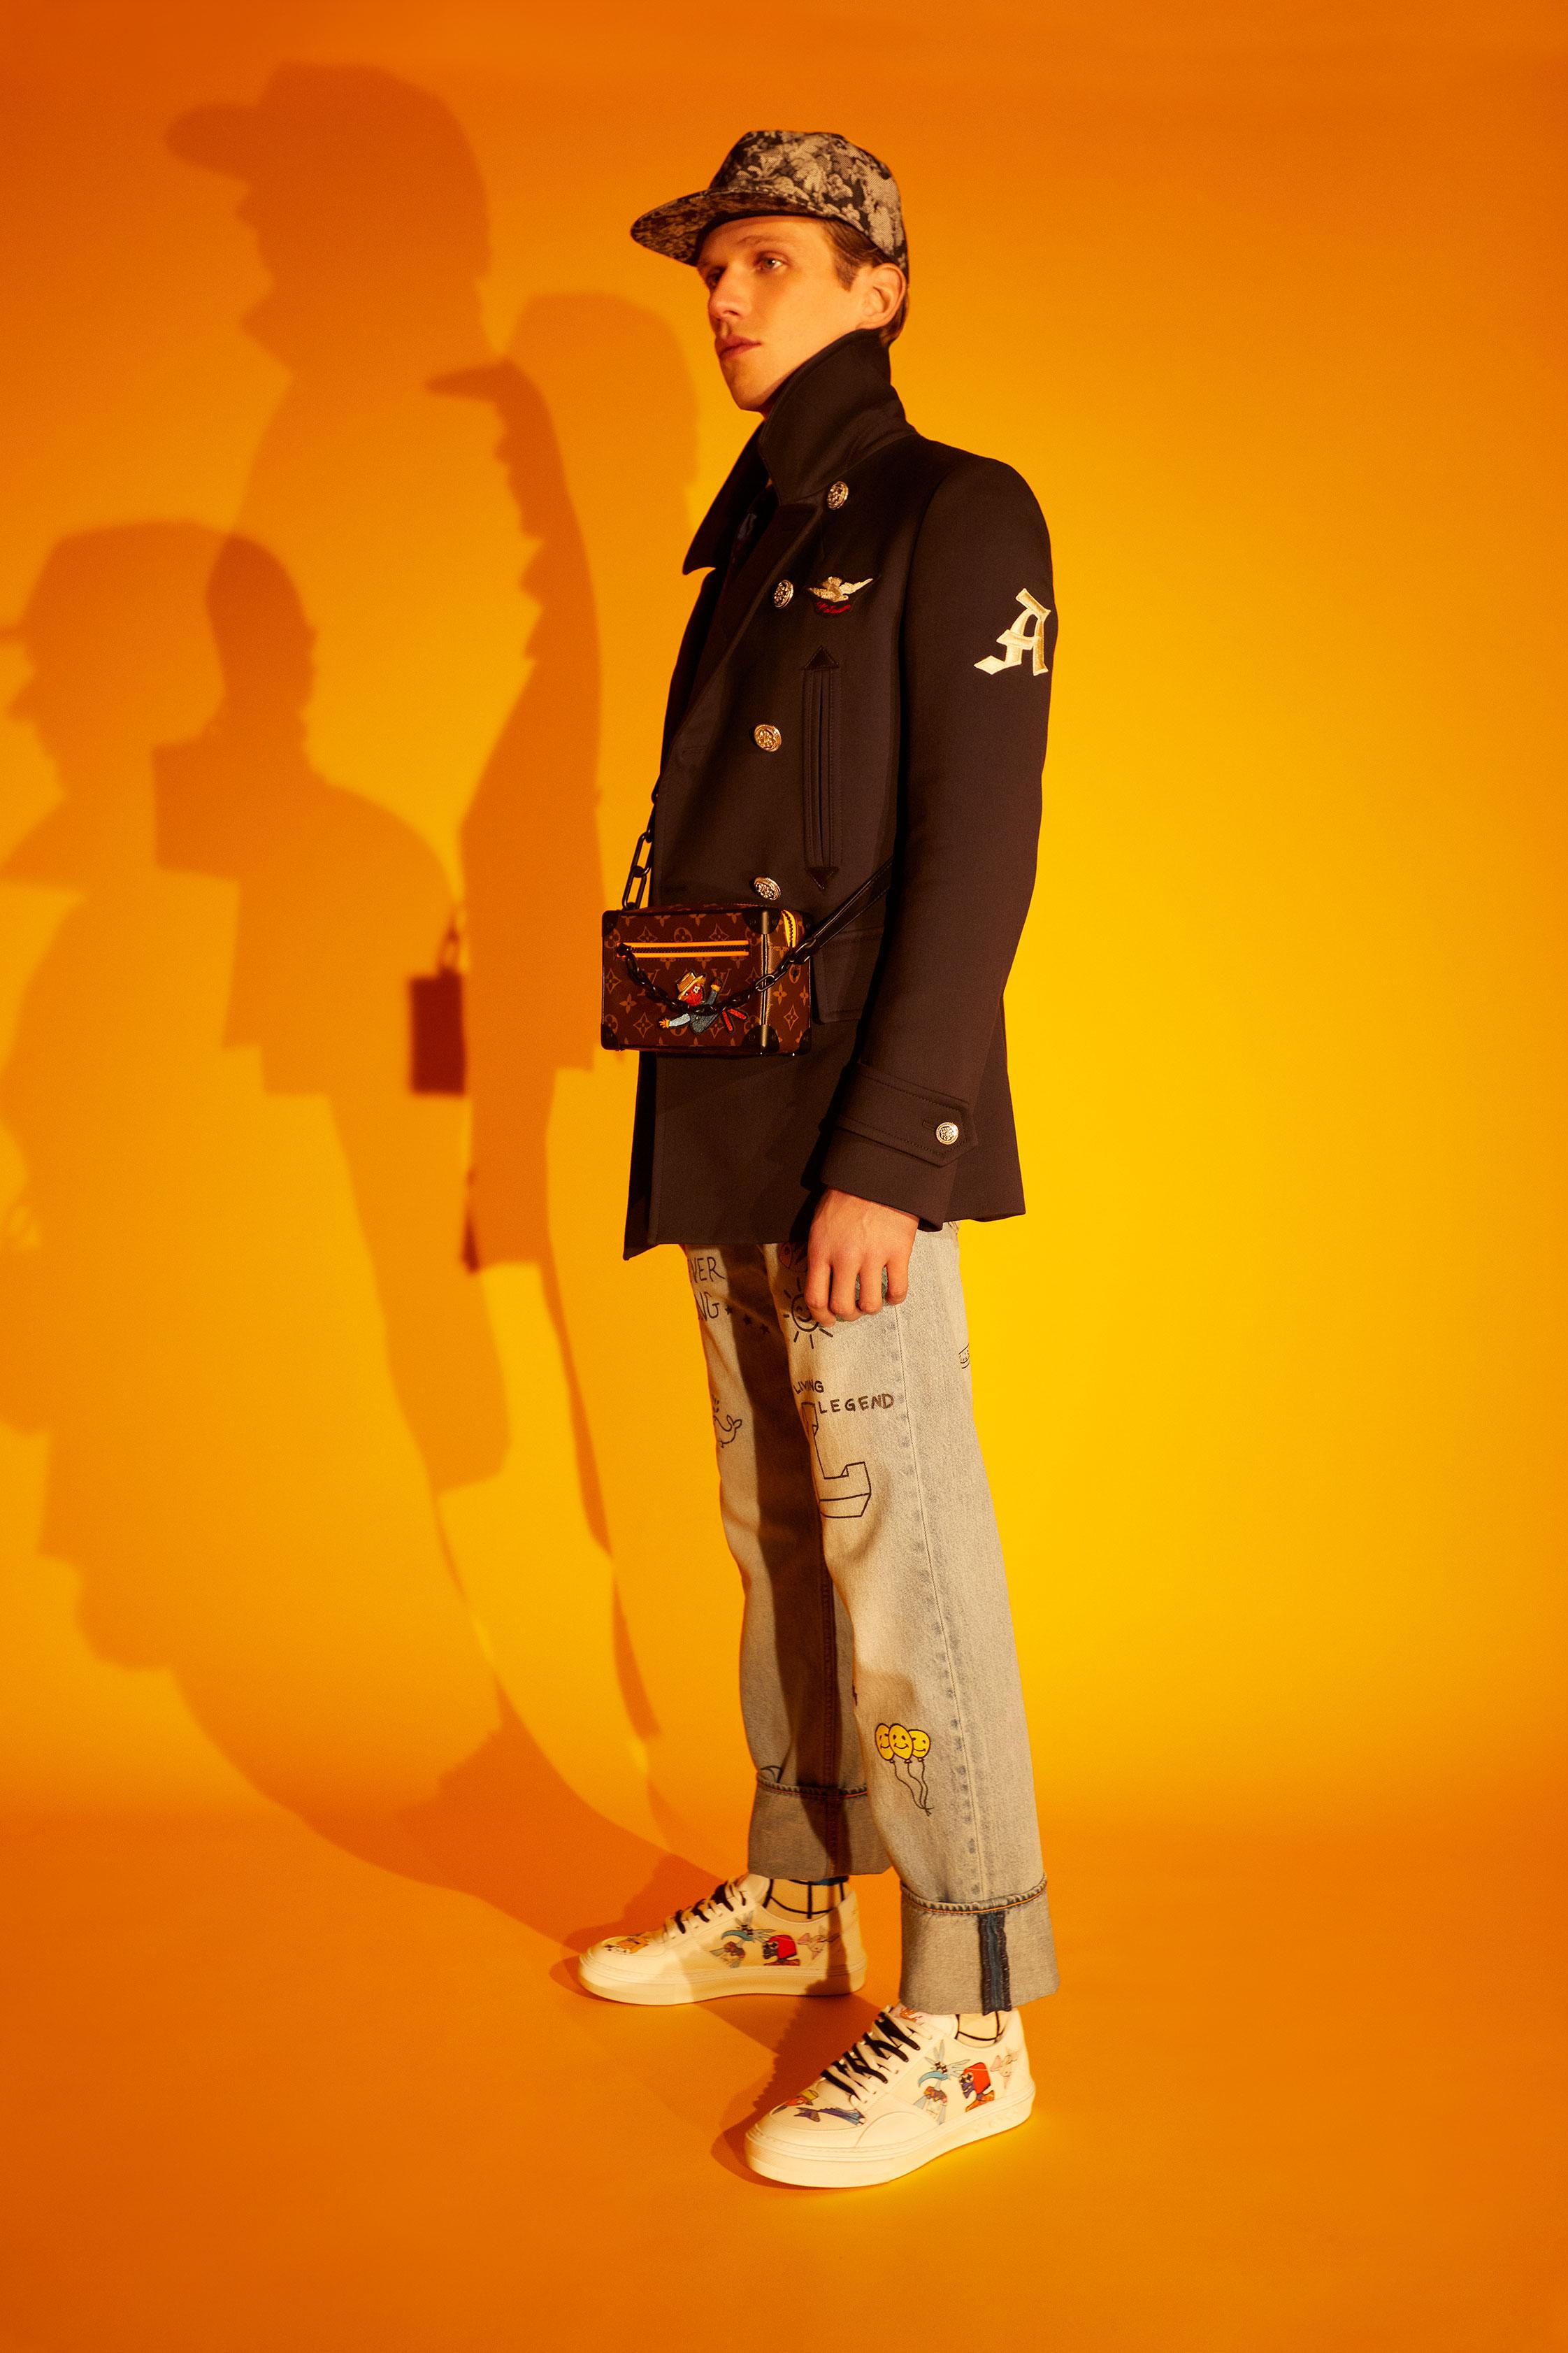 El Libro Amarillo gabardina ALEXANDER MCQUEEN _ camisa SANDRO PARIS _ jeans LEVI'S _ corbata PURIFICACIÓN GARCÍA _ calcetines HAPPY SOCKS   _ tenis LOUIS VUITTON _ bolso LOUIS VUITTON _ gorra LOUIS VUITTON